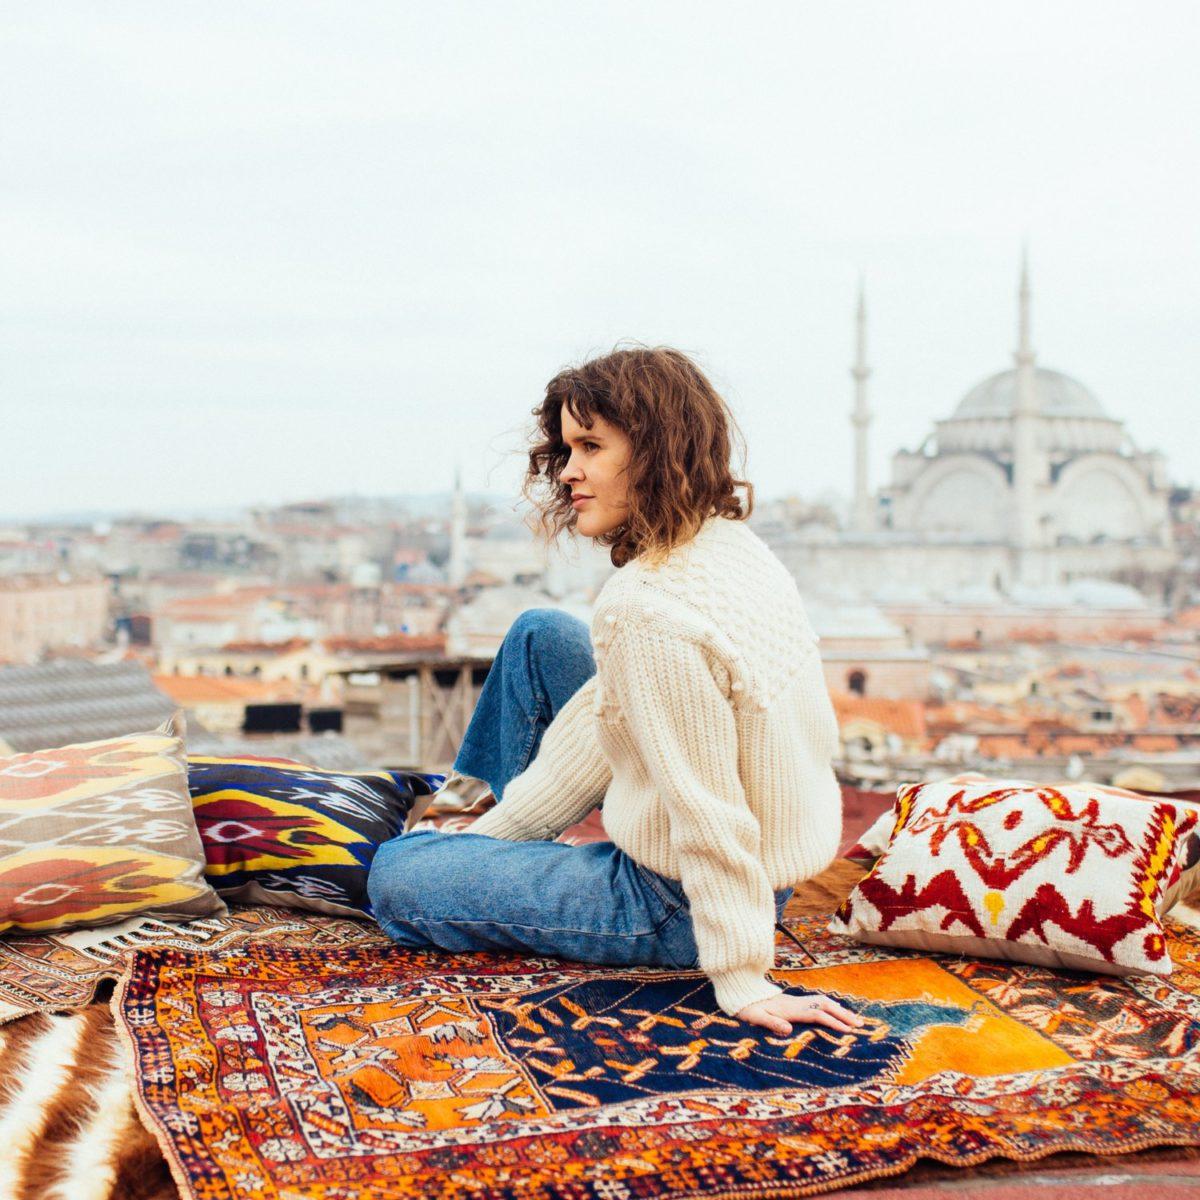 sitting on a rug